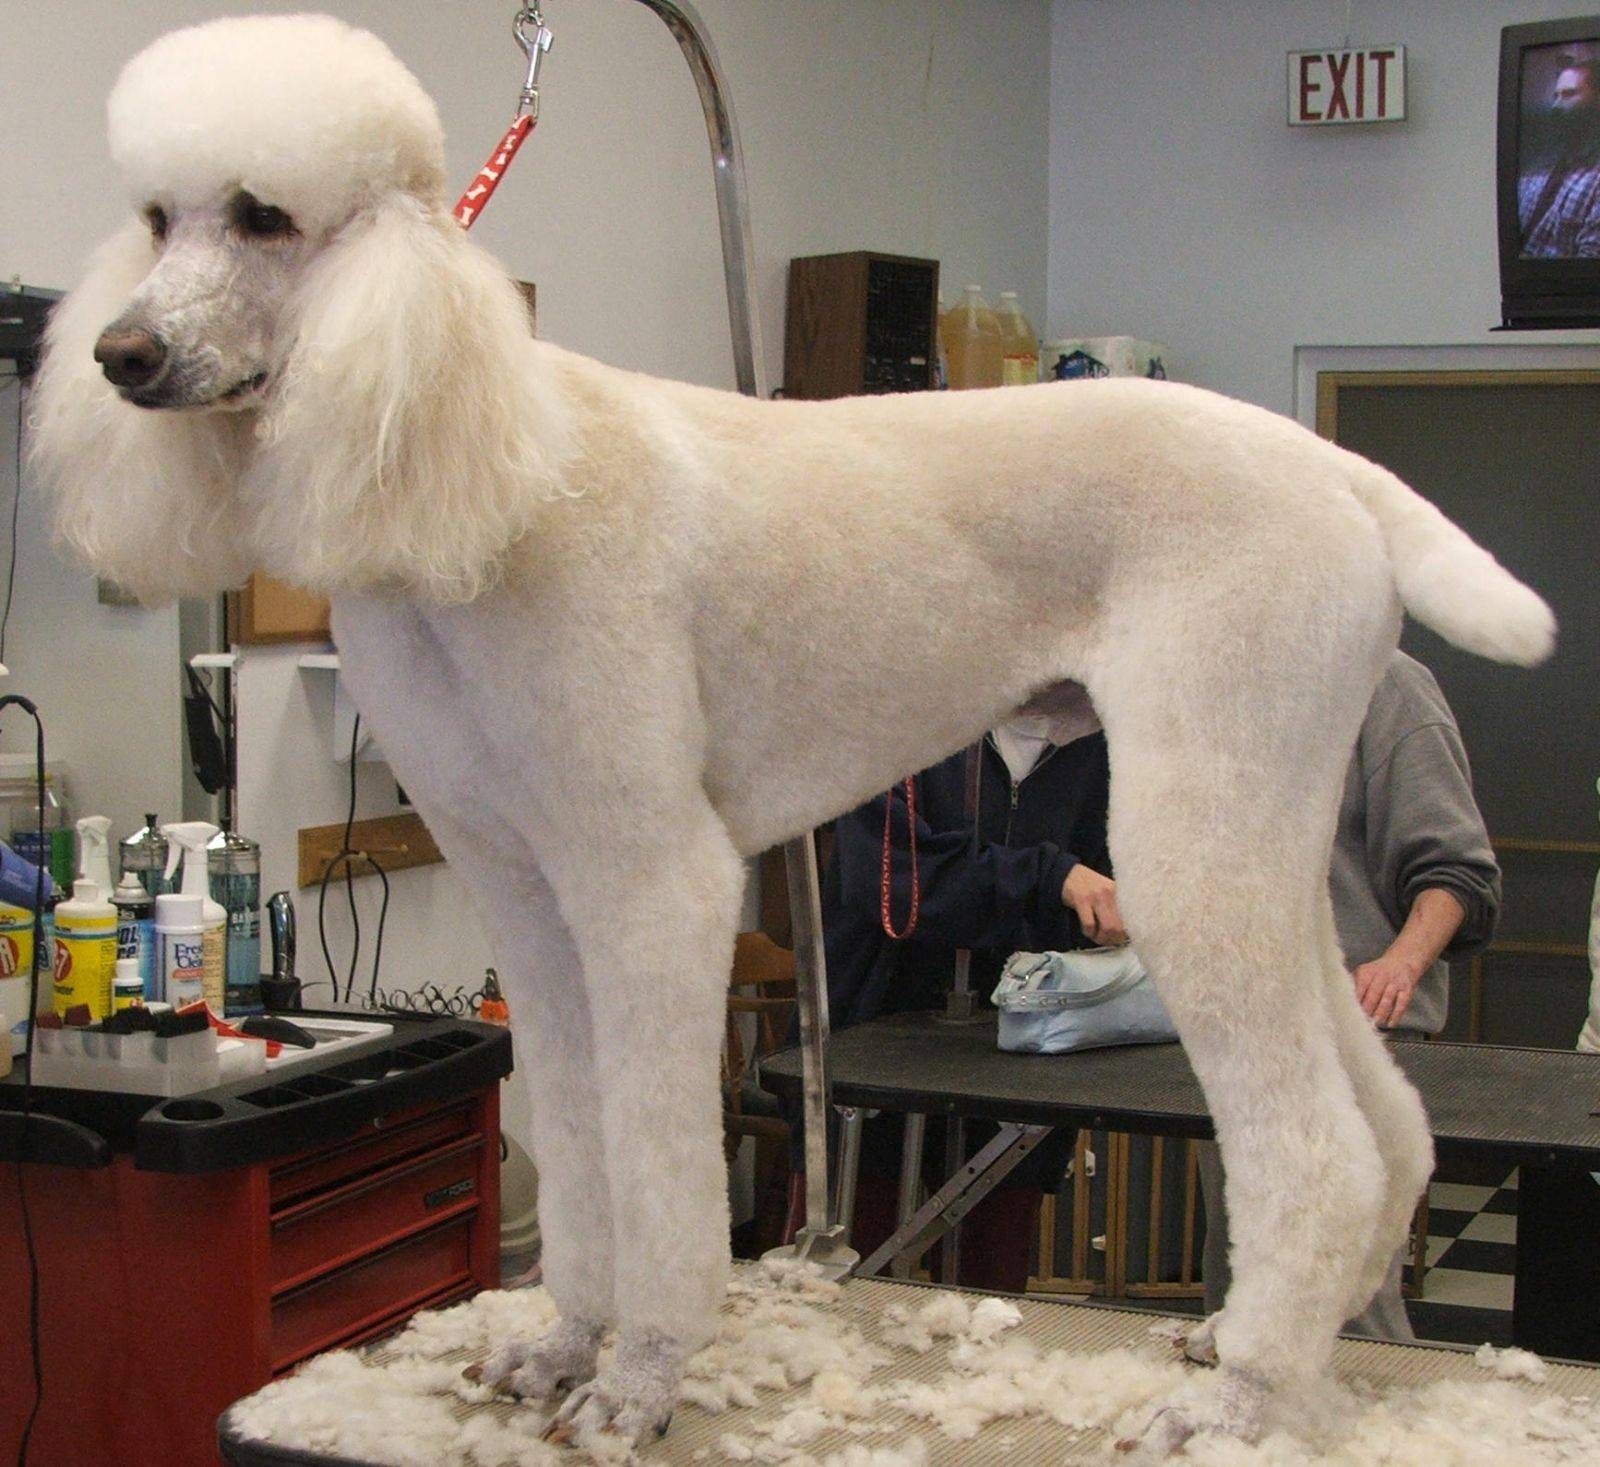 Той-пудель: нужна ли стрижка, как подстричь шерсть собаки